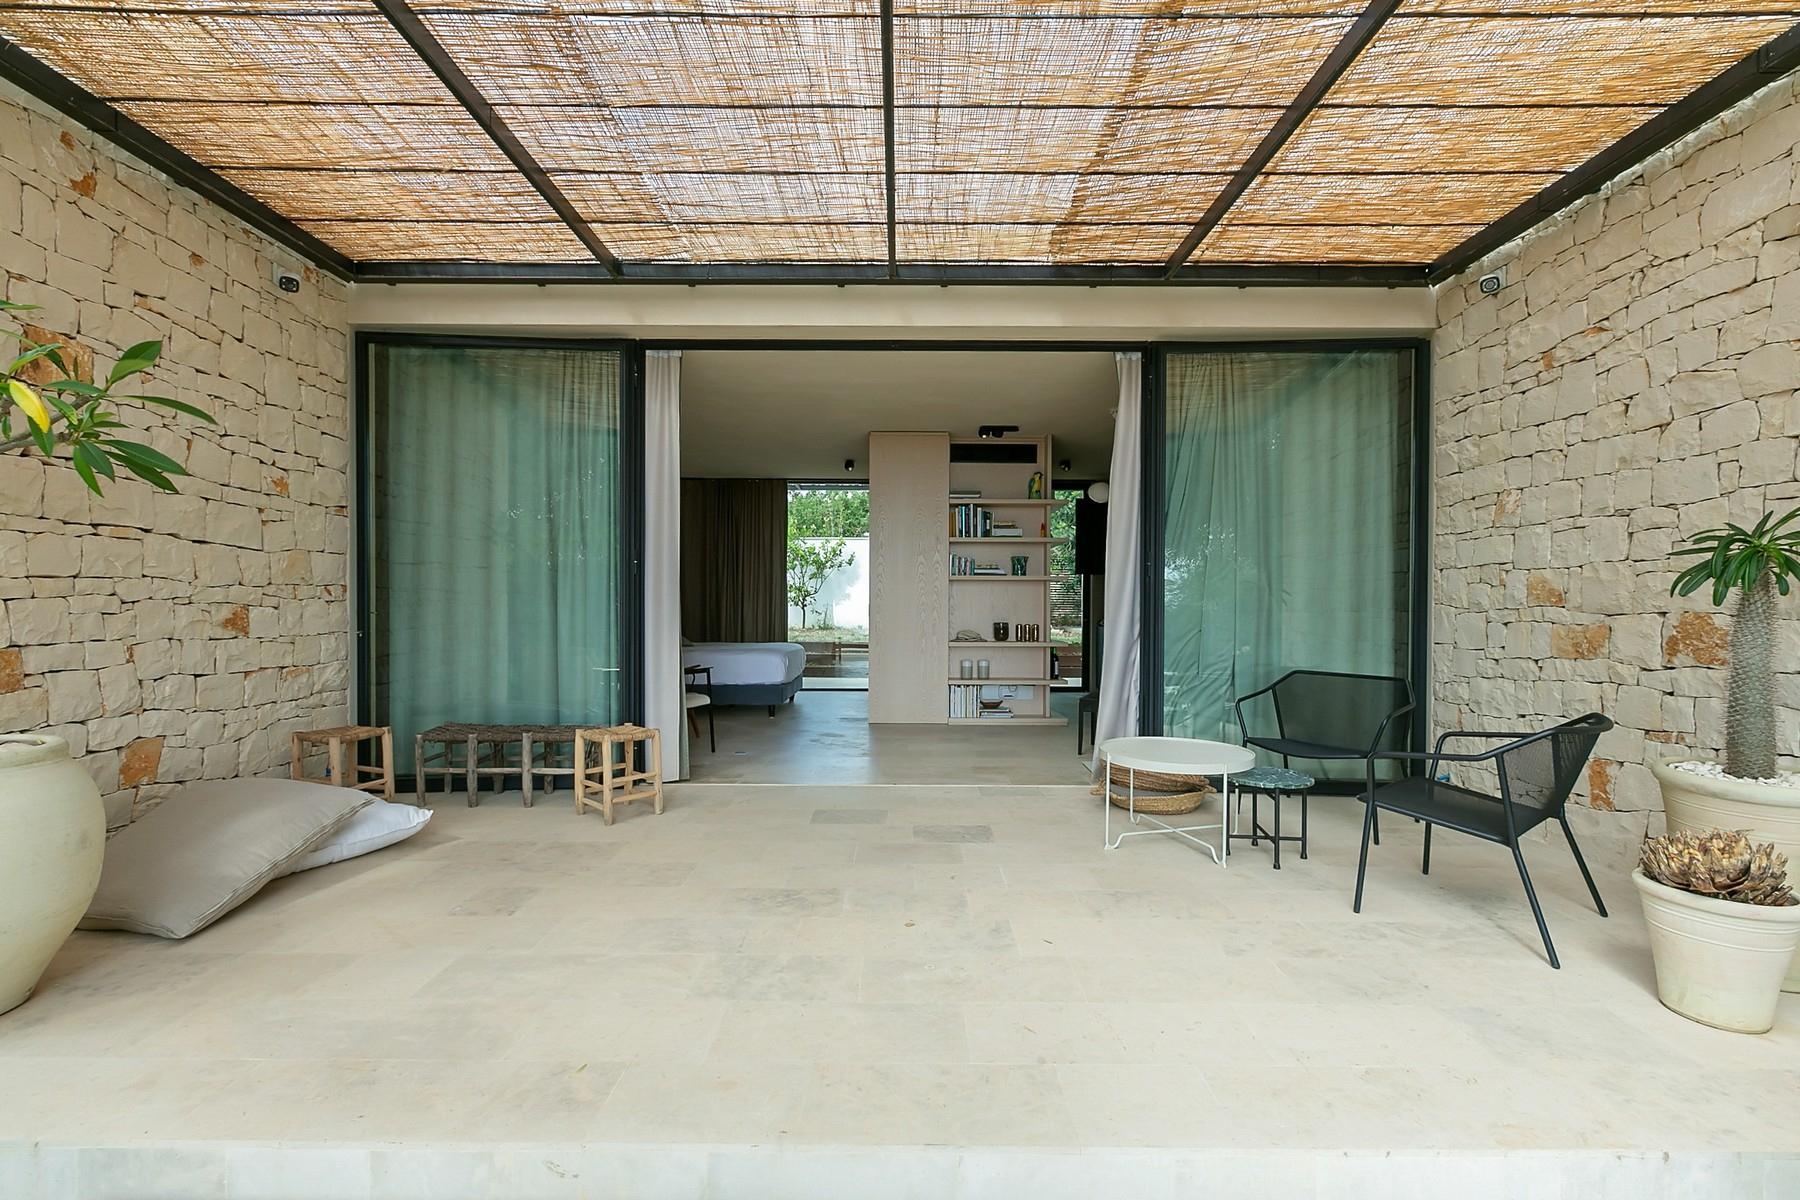 拥有游泳池和附属建筑当代设计的别墅 - 20